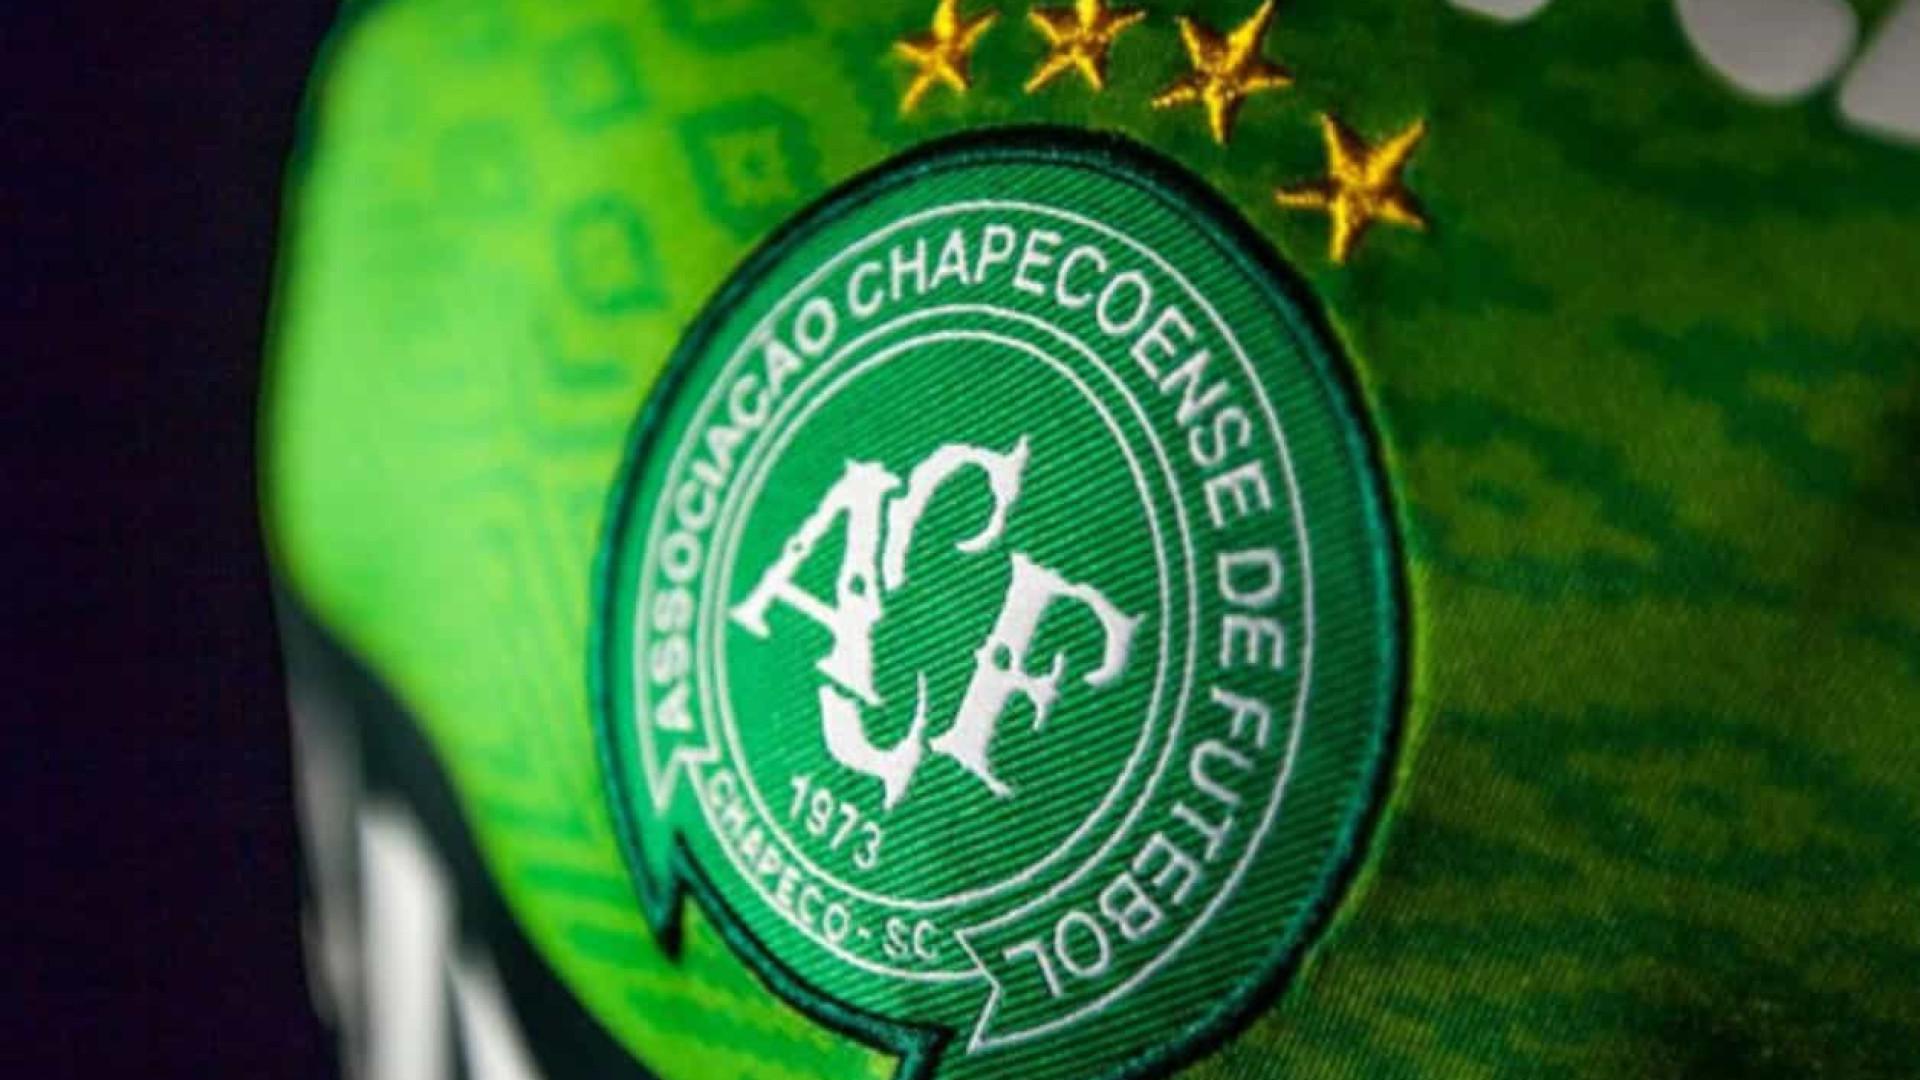 Após nova derrota no Brasileirão, Chapecoense demite o técnico Jair Ventura